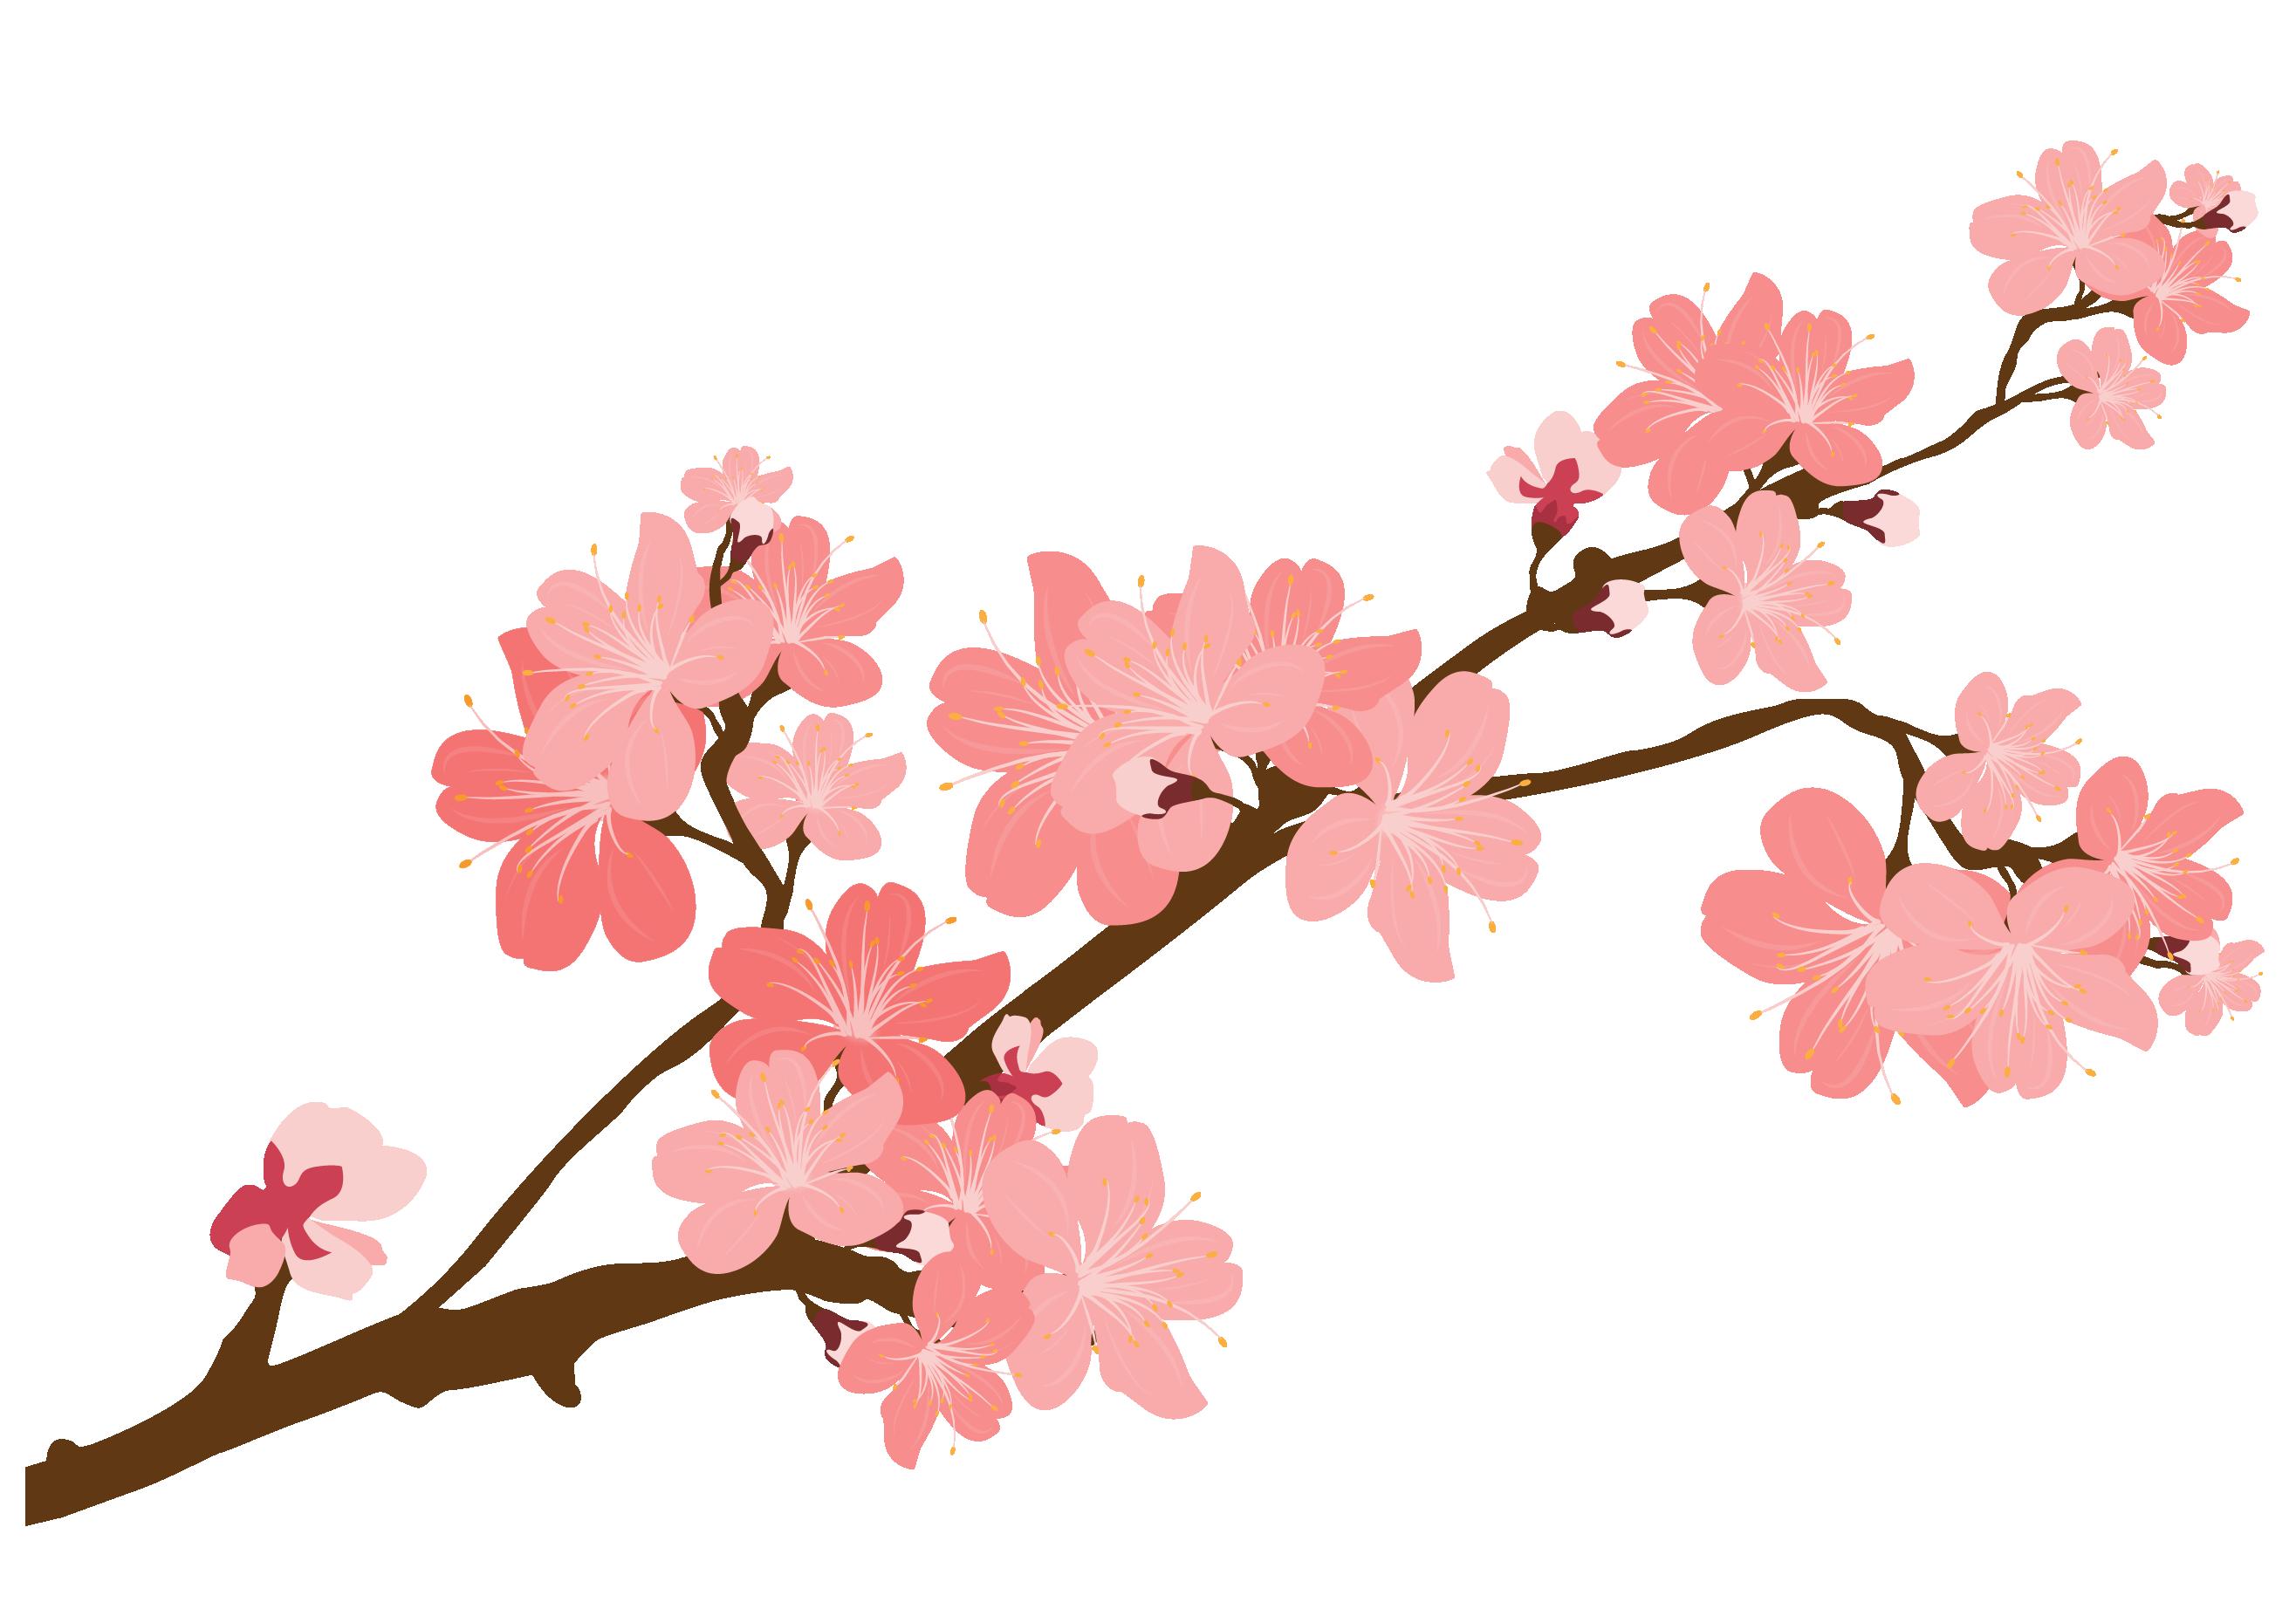 Hình ảnh cành hoa đào